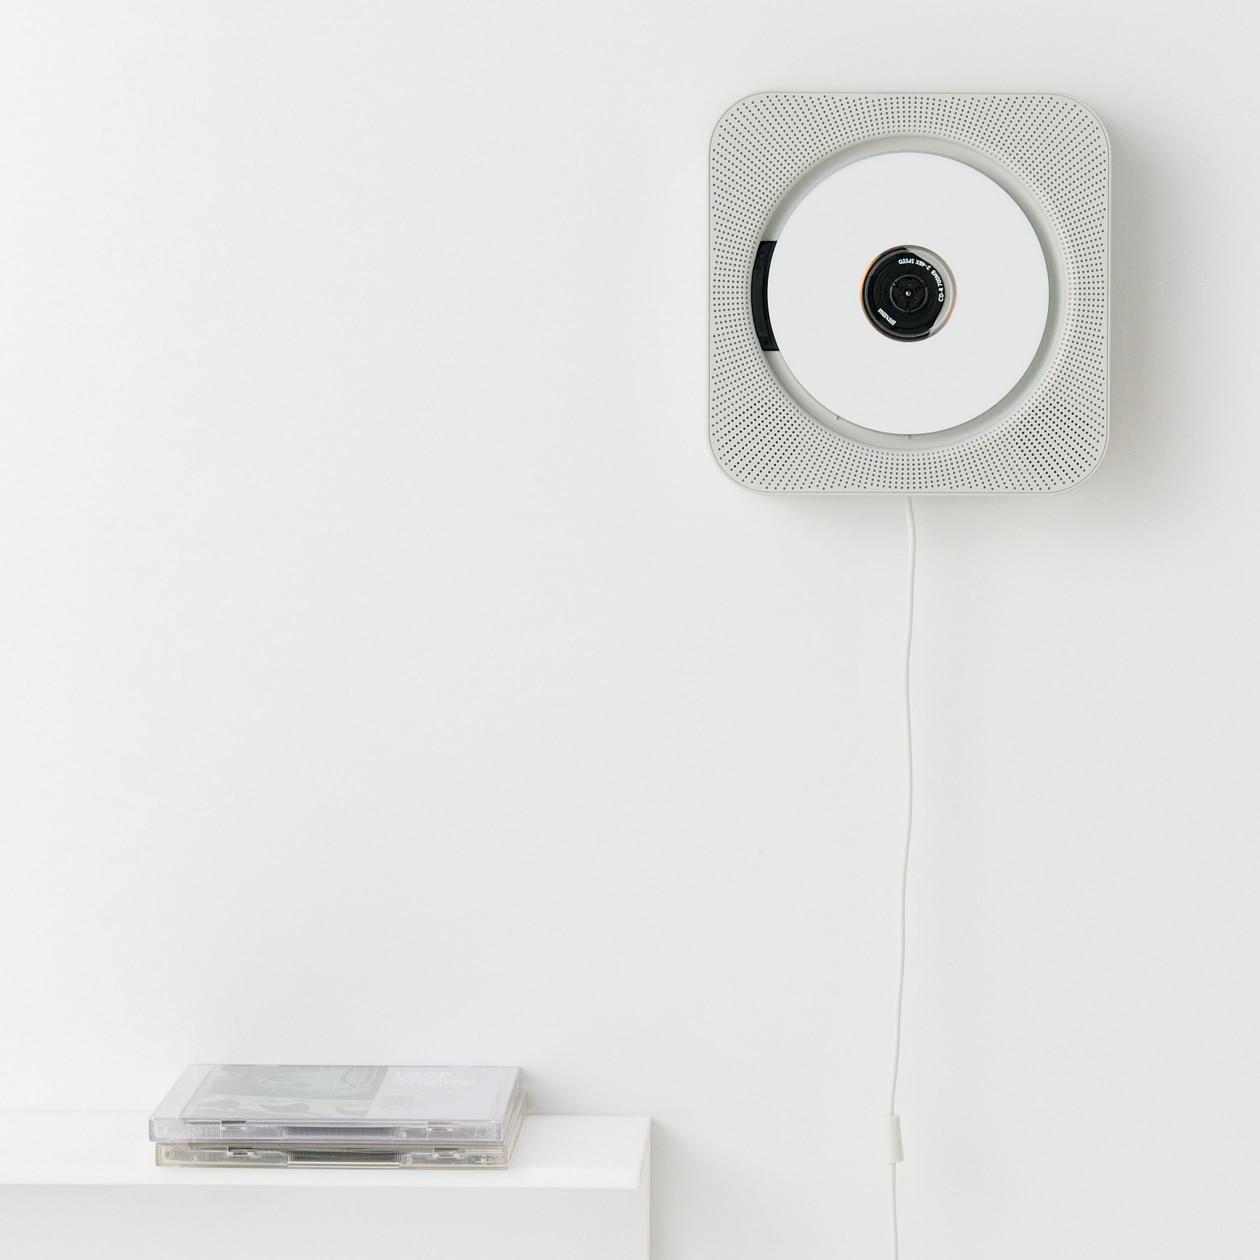 cd player cd cd 4. Black Bedroom Furniture Sets. Home Design Ideas